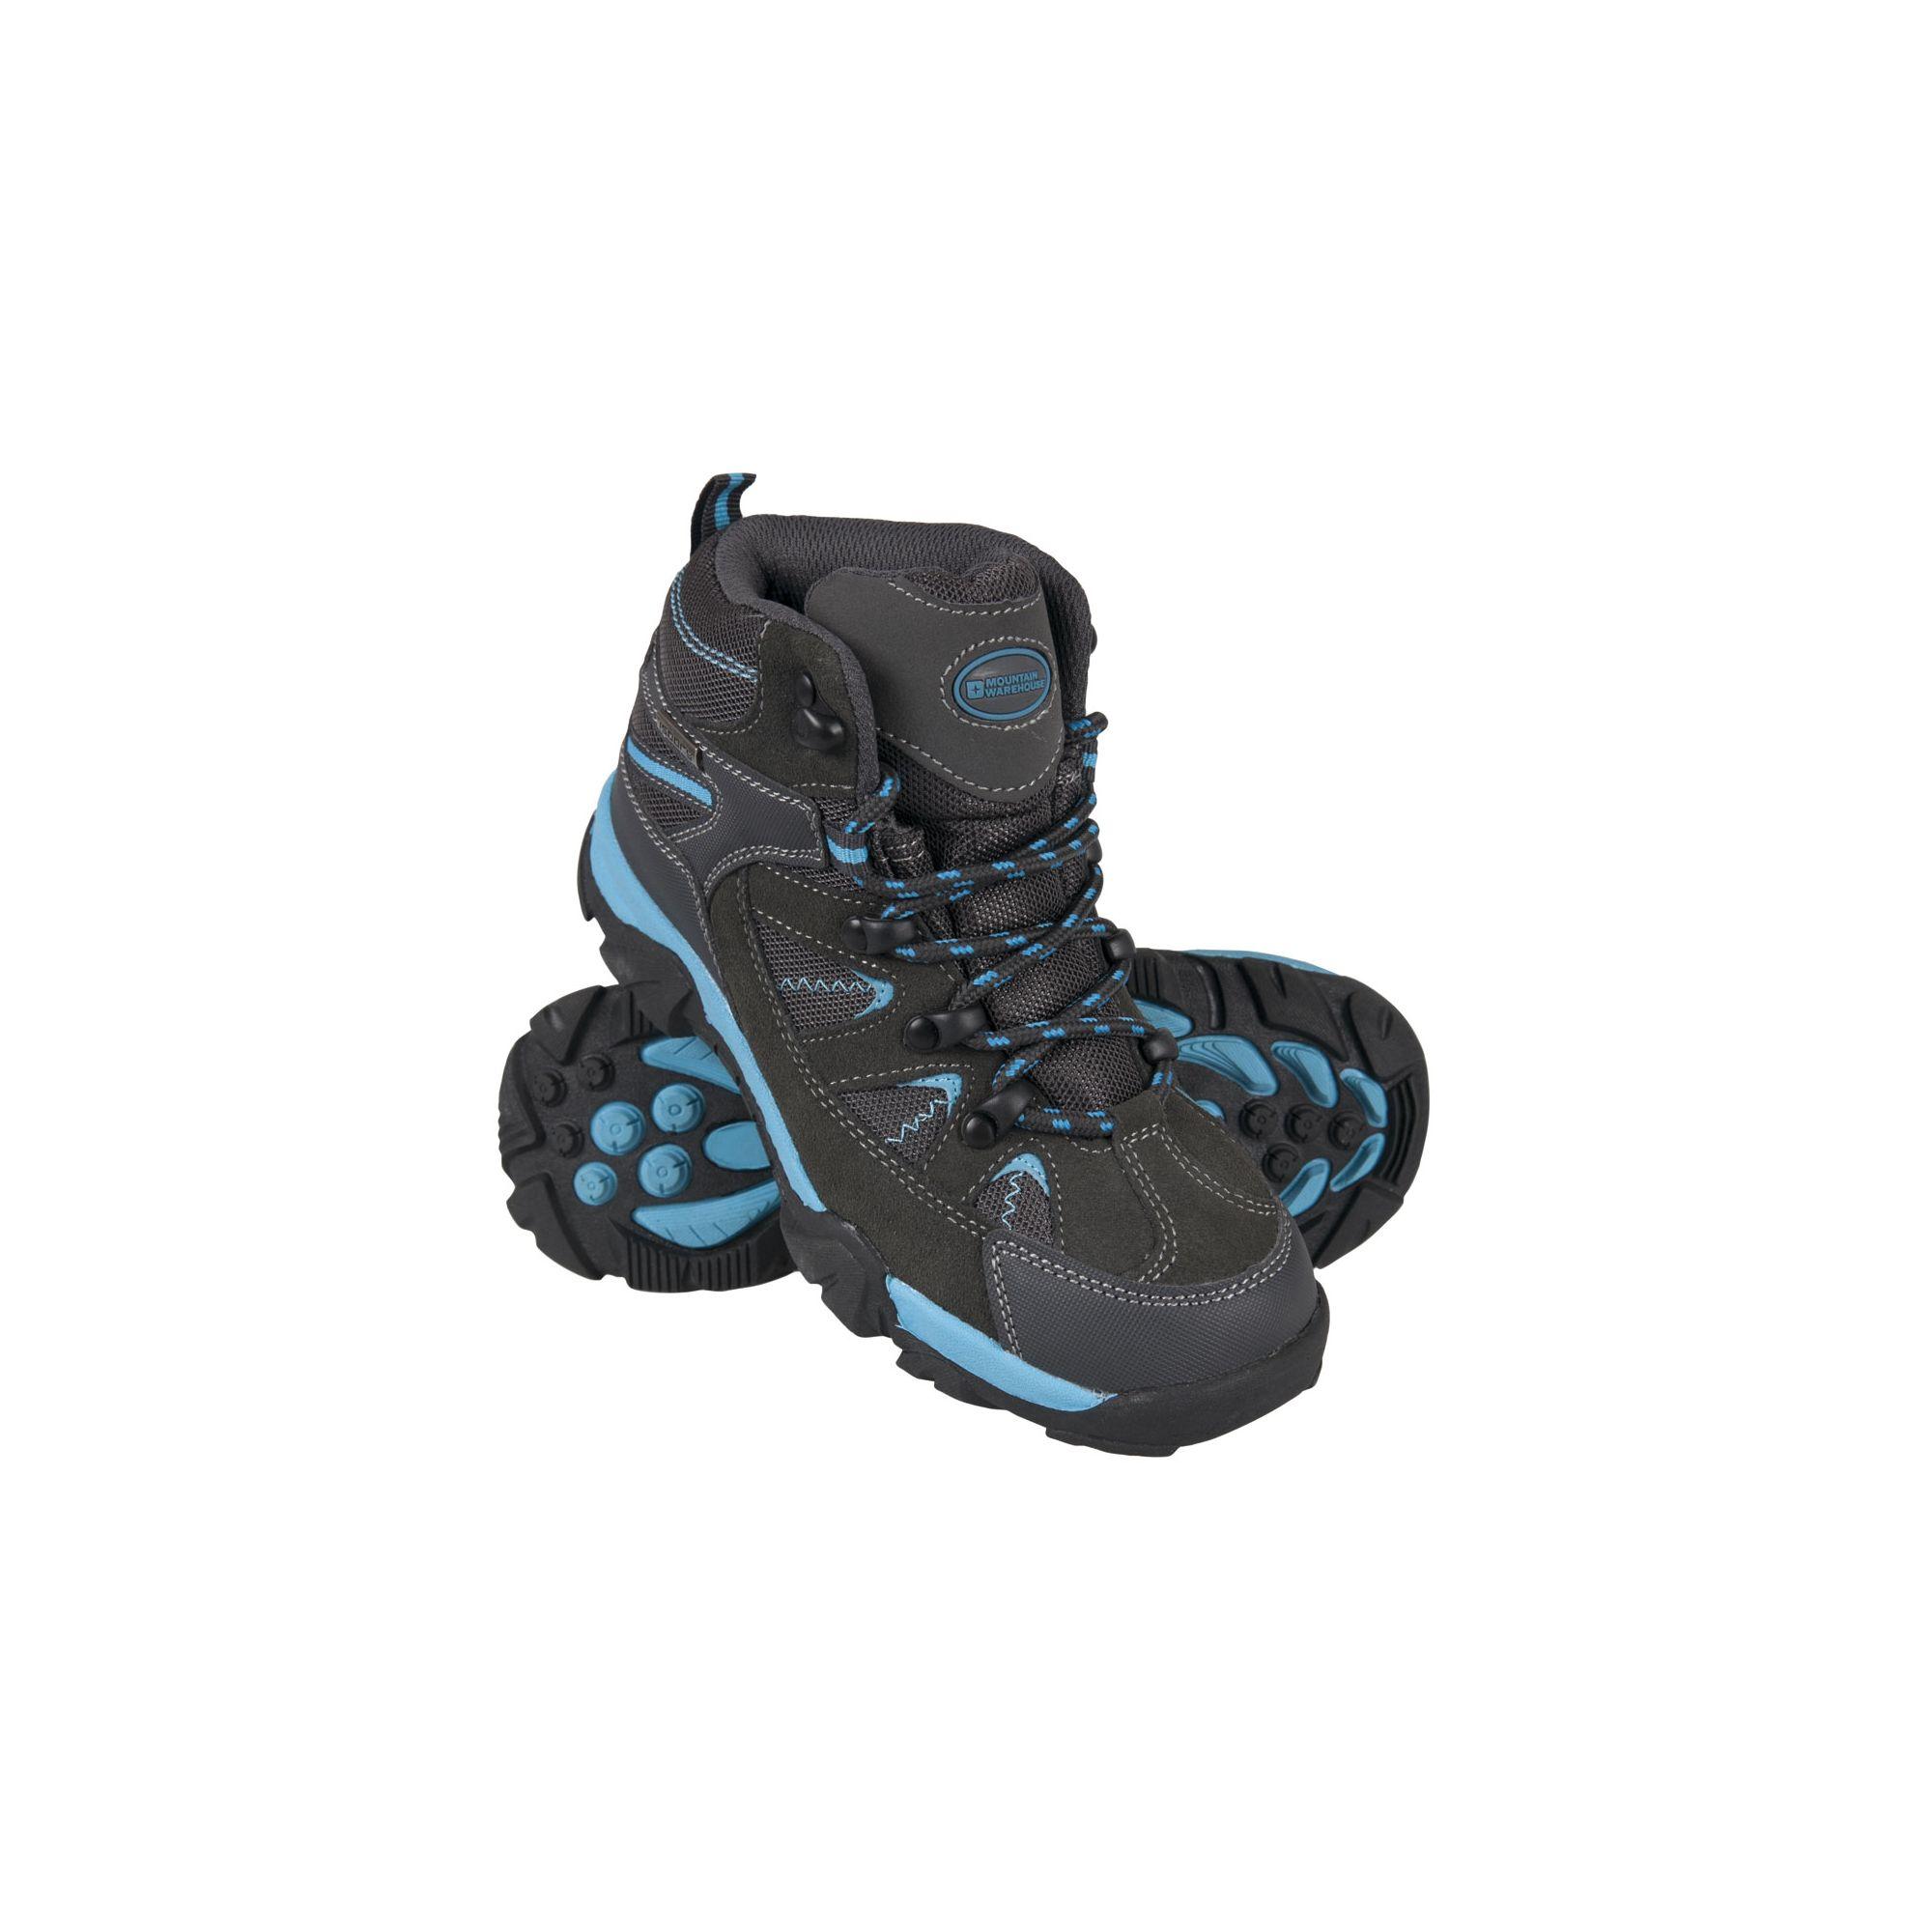 Walking Shoes For Hiking Tesco